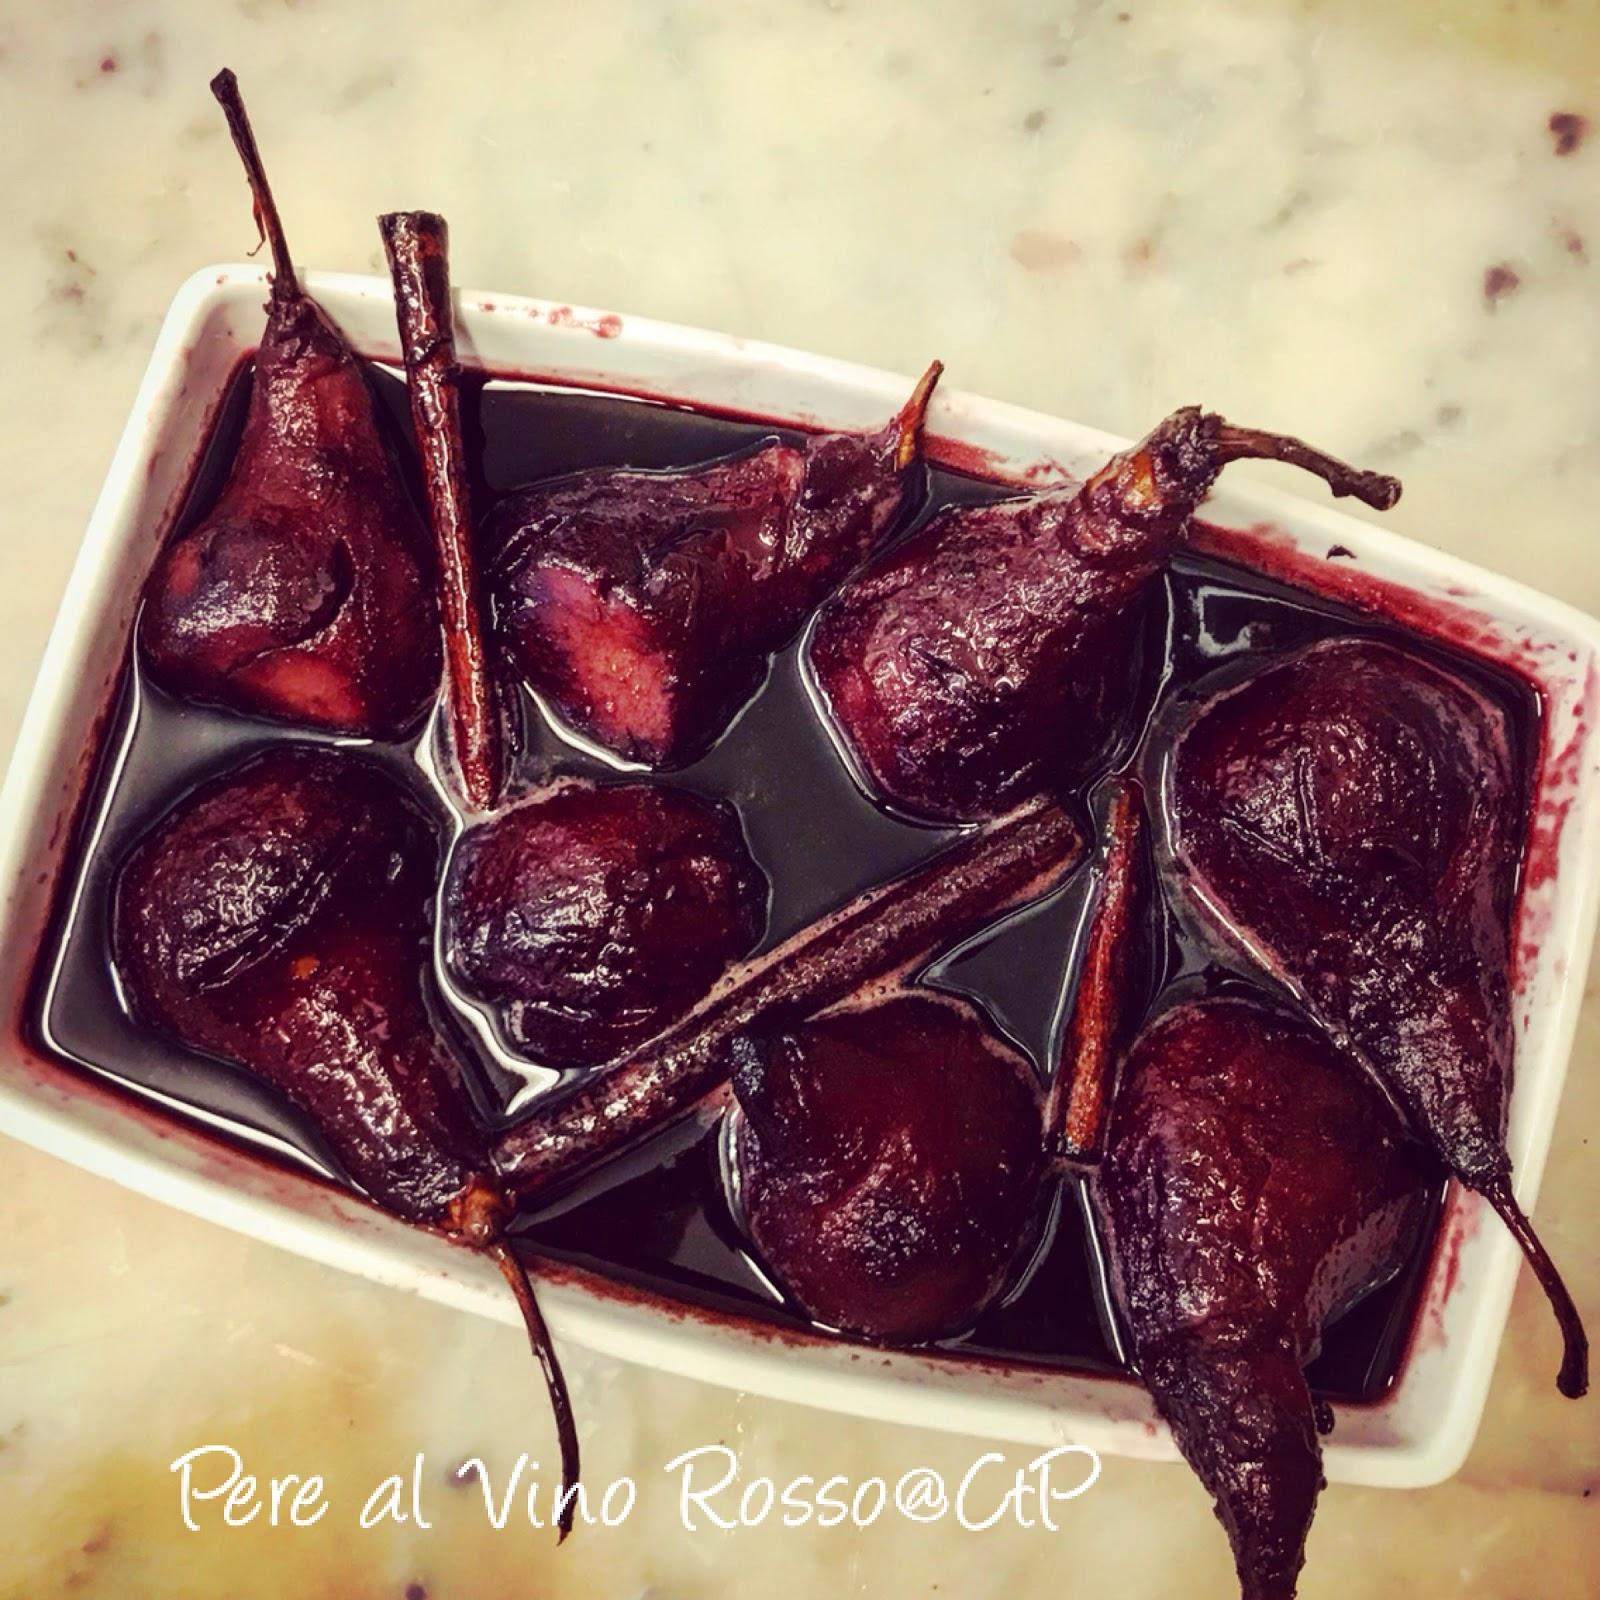 pere al vino rosso cannella e clementini  alessandra ruggeri